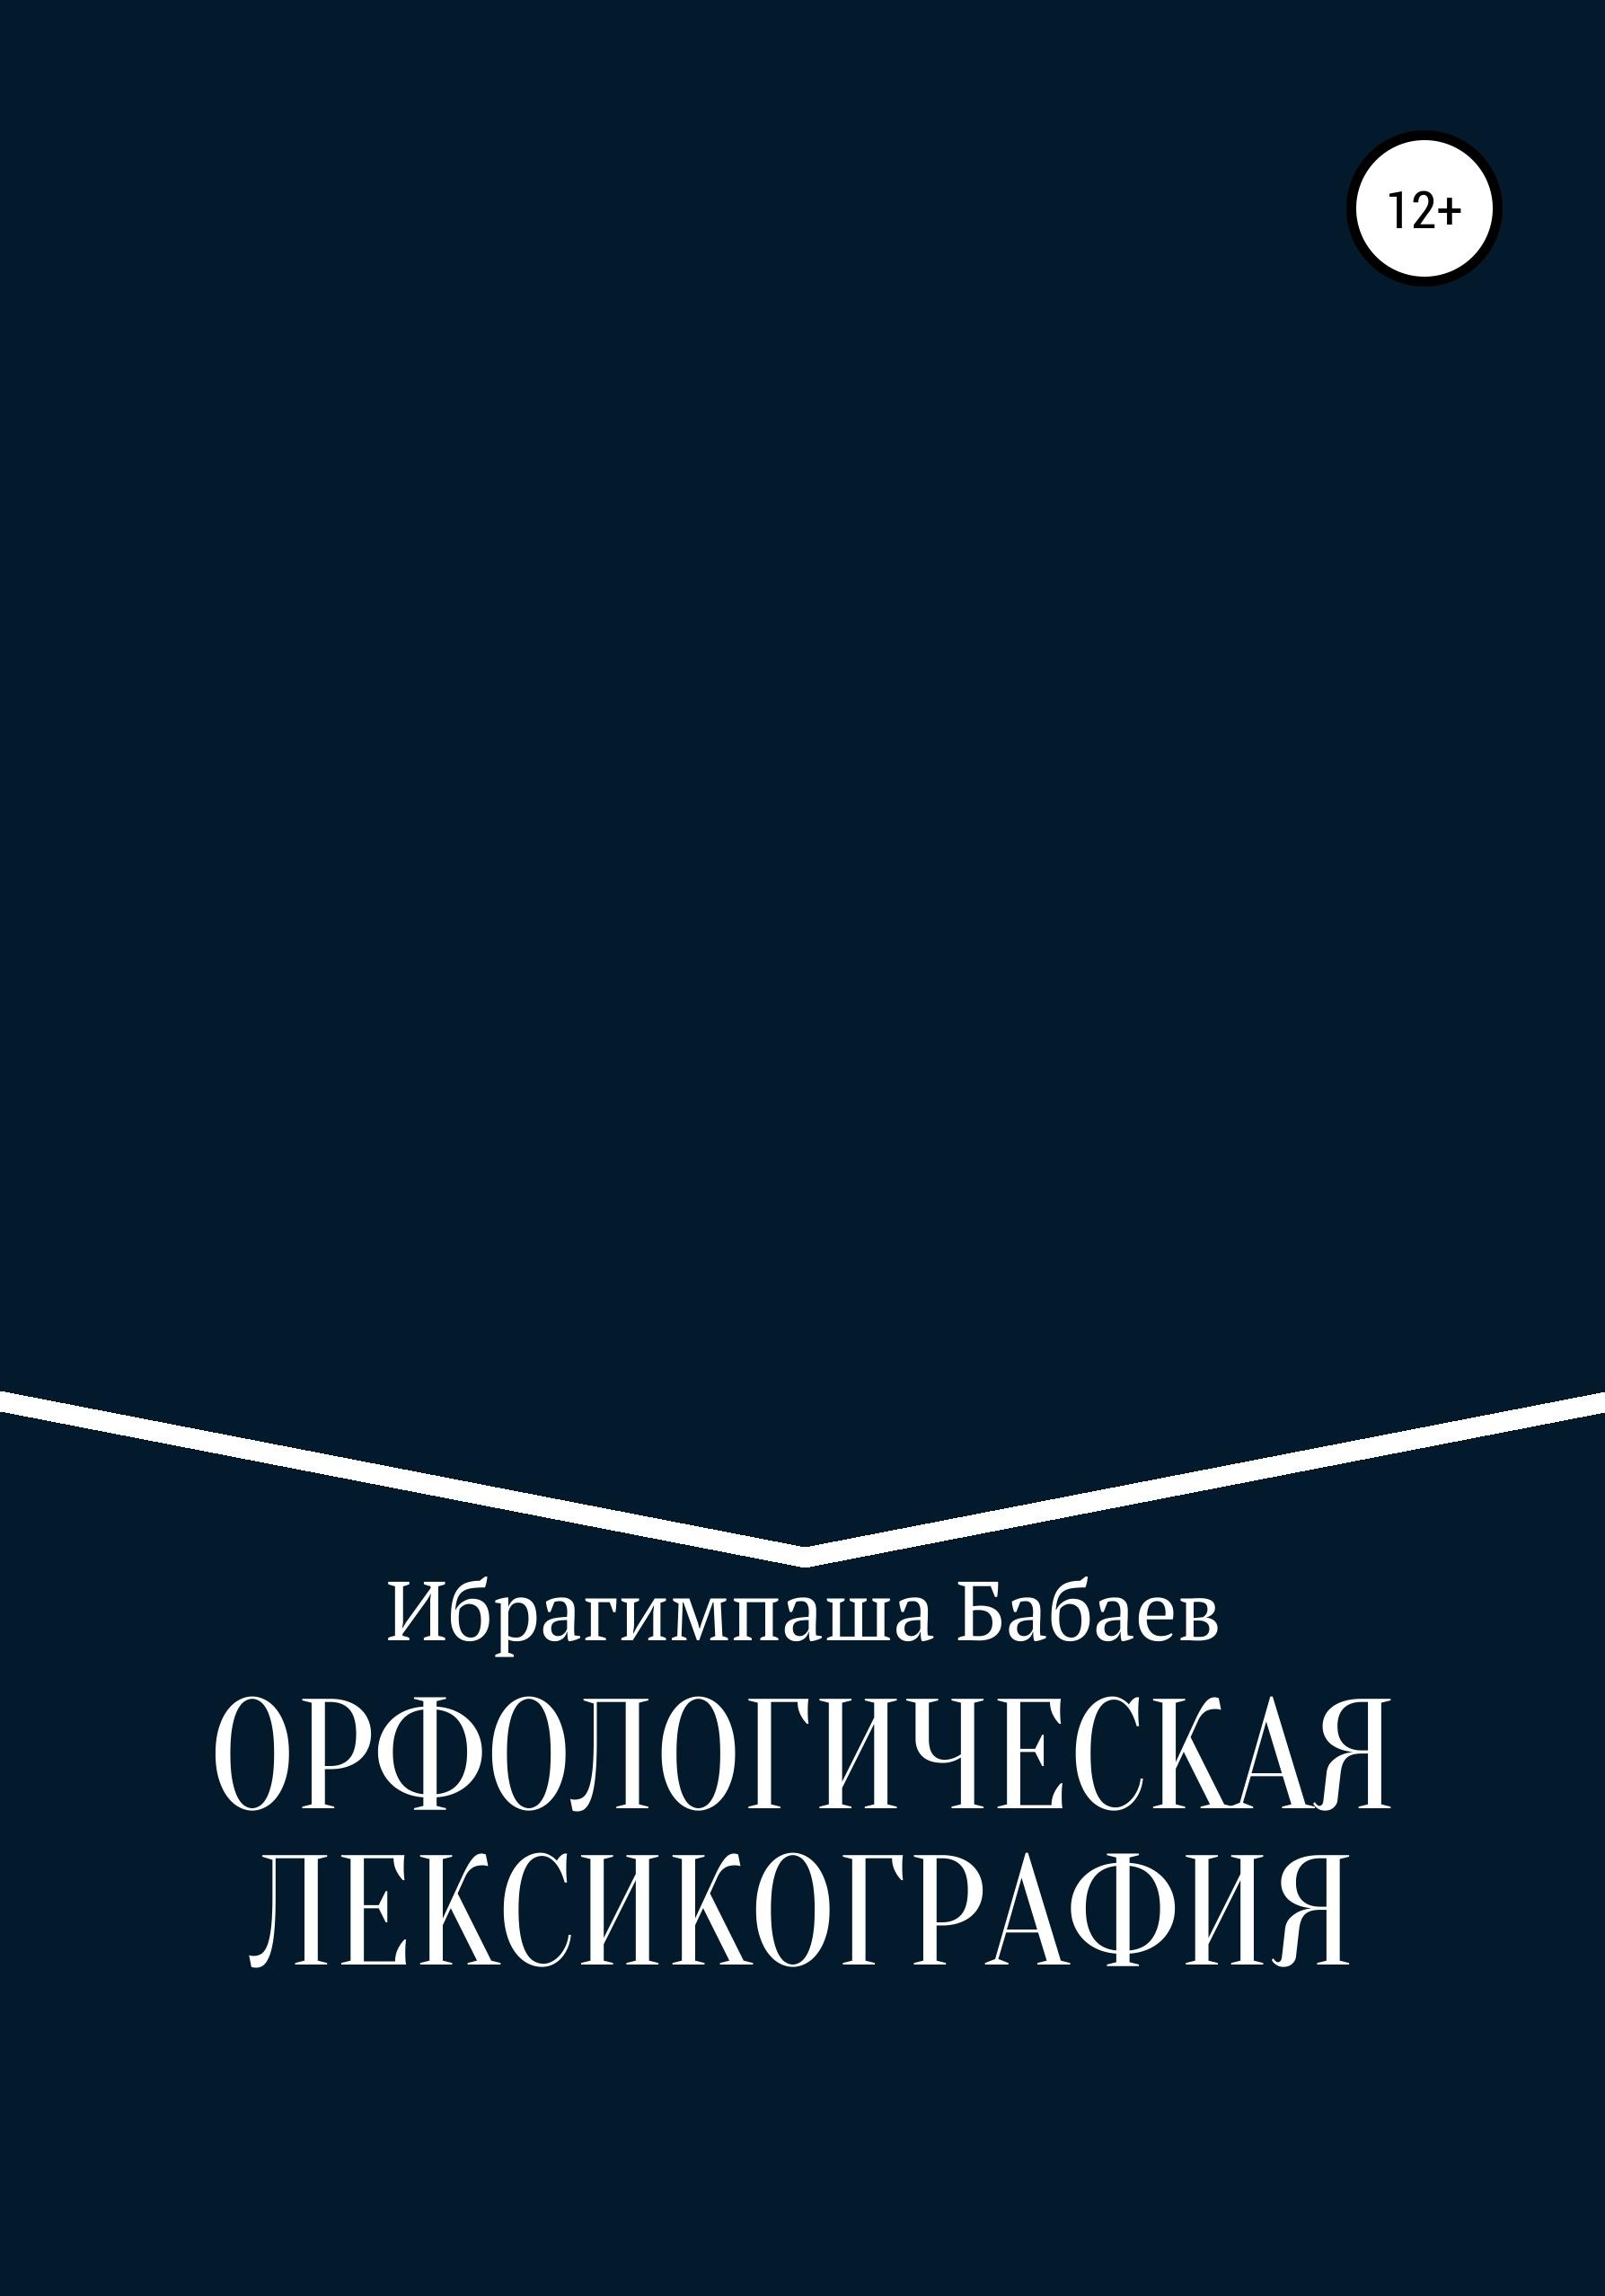 Орфологическая лексикография